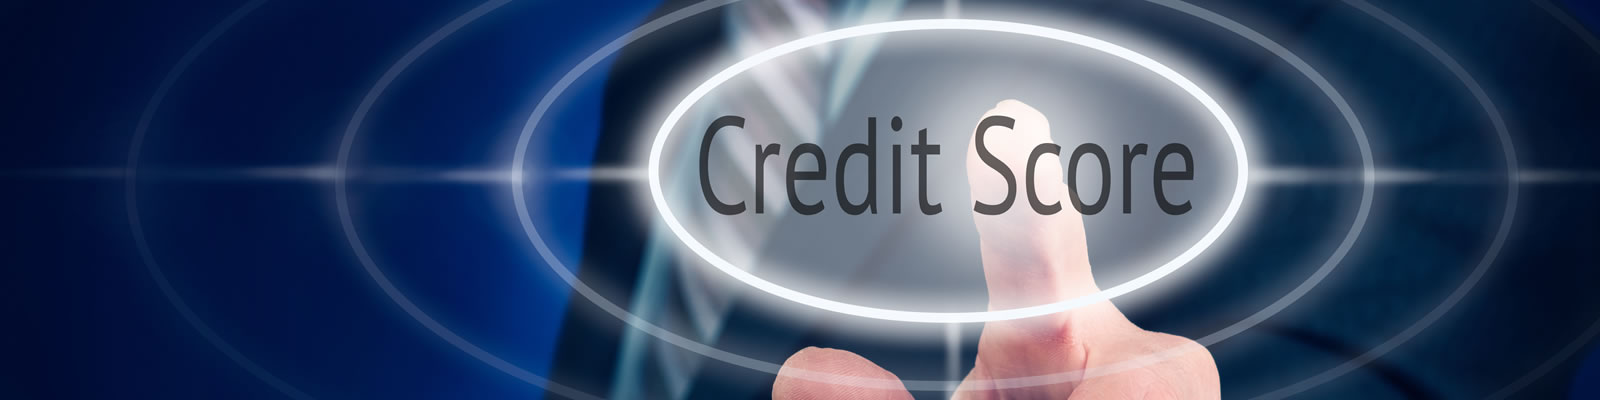 credit-score-focus